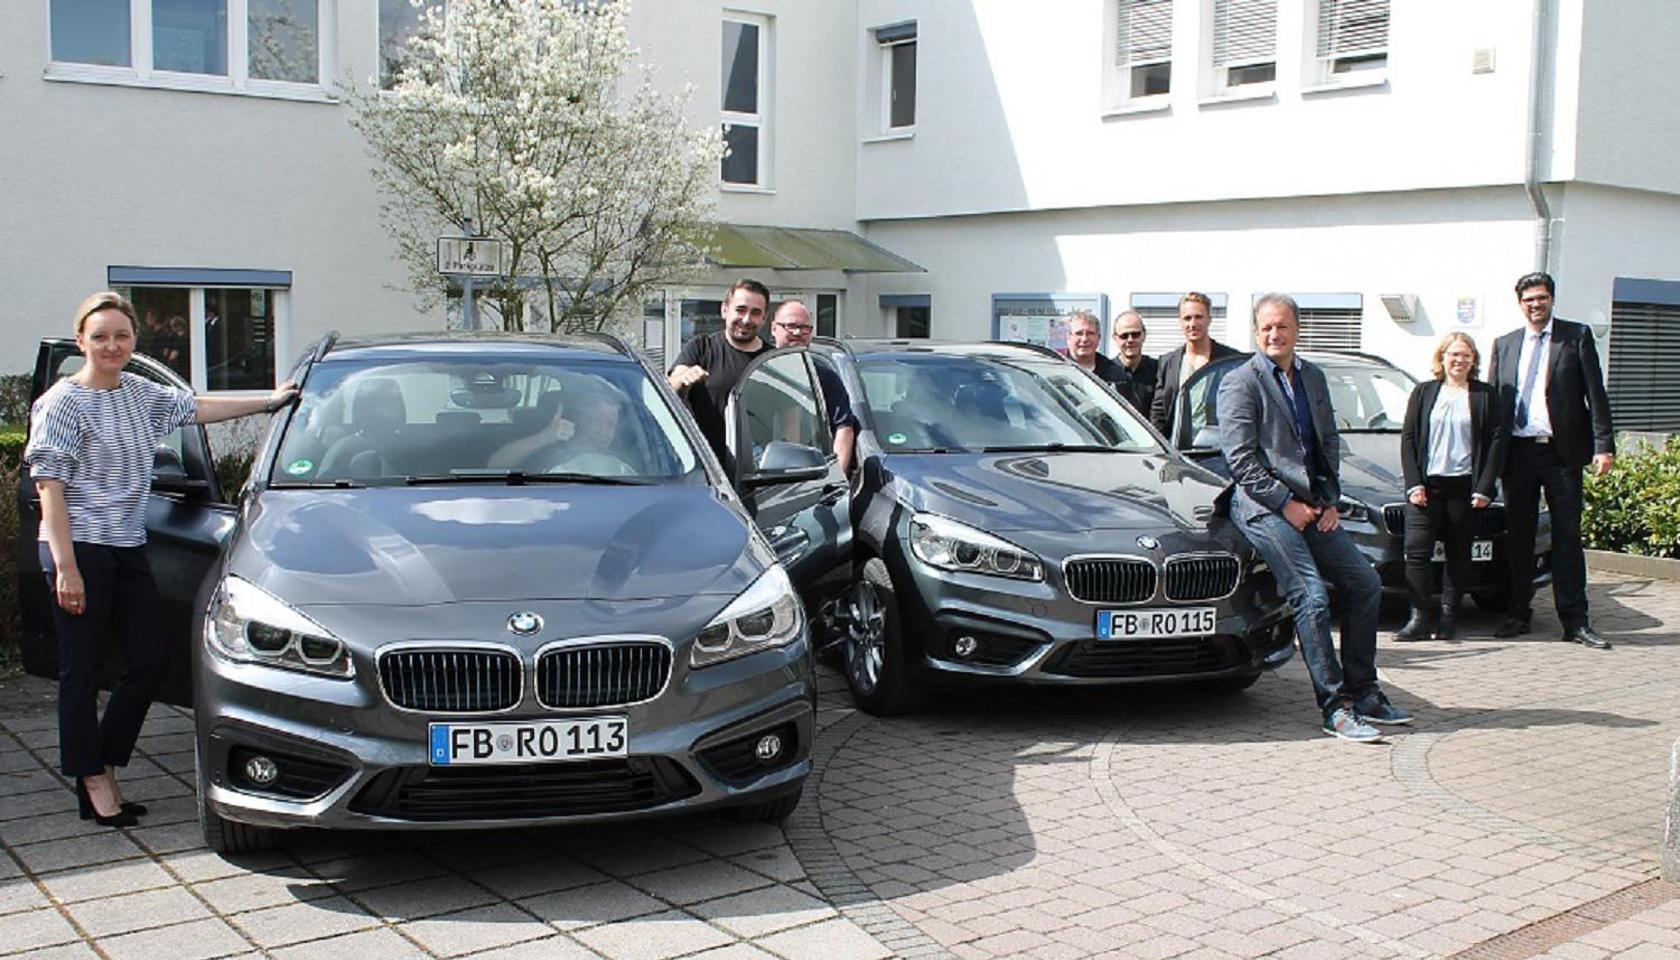 Bürgermeister Thomas Alber (3. v. r.) und Sven Poenitz (r.) , Teamleiter Verkauf im Autohaus Bilia, präsentieren mit Mitarbeitern der Rosbacher Stadtverwaltung die neuen Hybrid-Fahrzeuge. (Foto: pv)